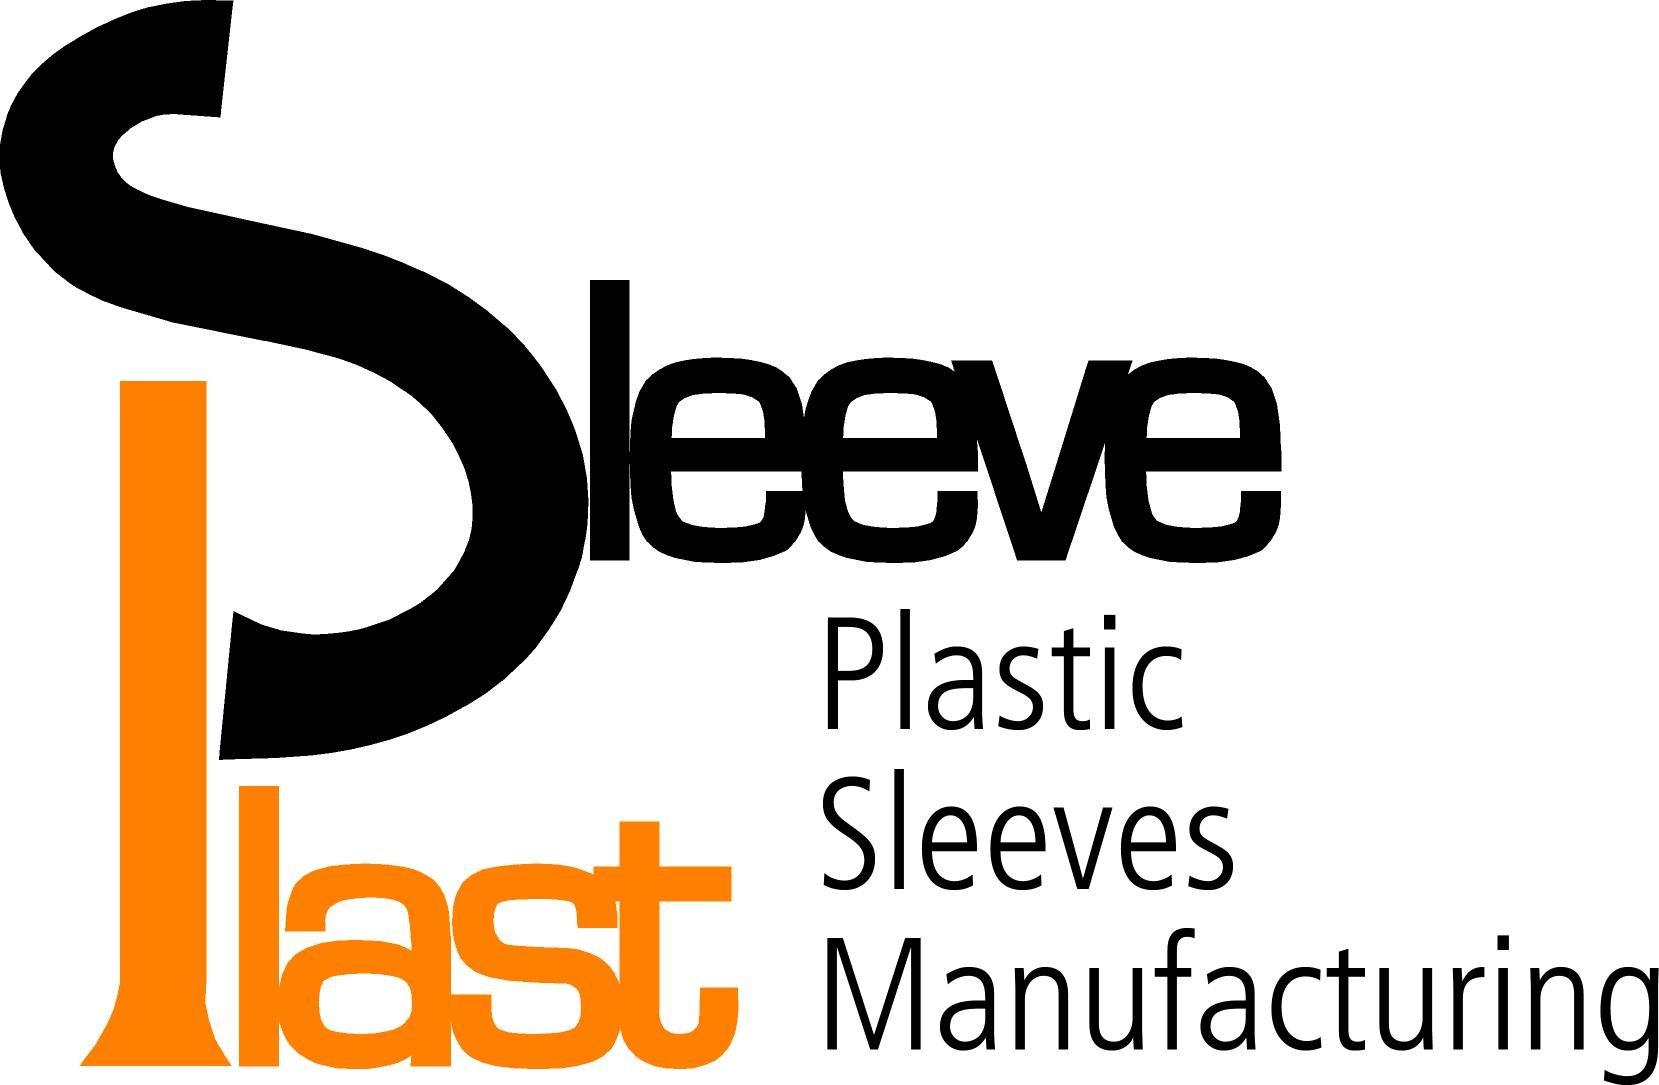 logo Sleeve Plast